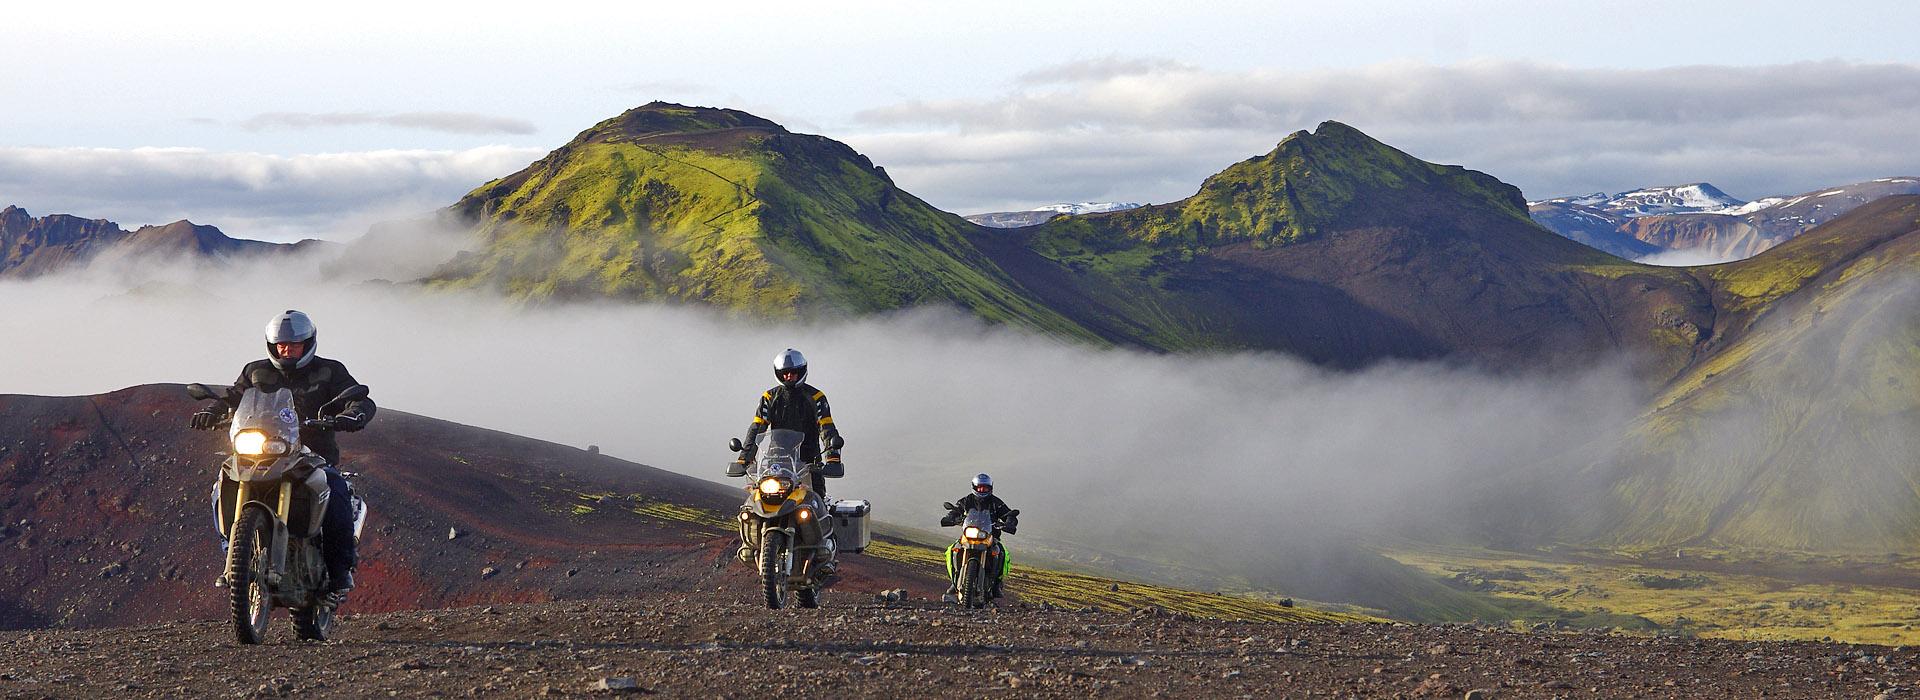 Motorreis IJsland uit het motorreizen programma van Travel 2 Explore. Op de eigen allroad motor over offroad tracks door het binnenland van IJsland